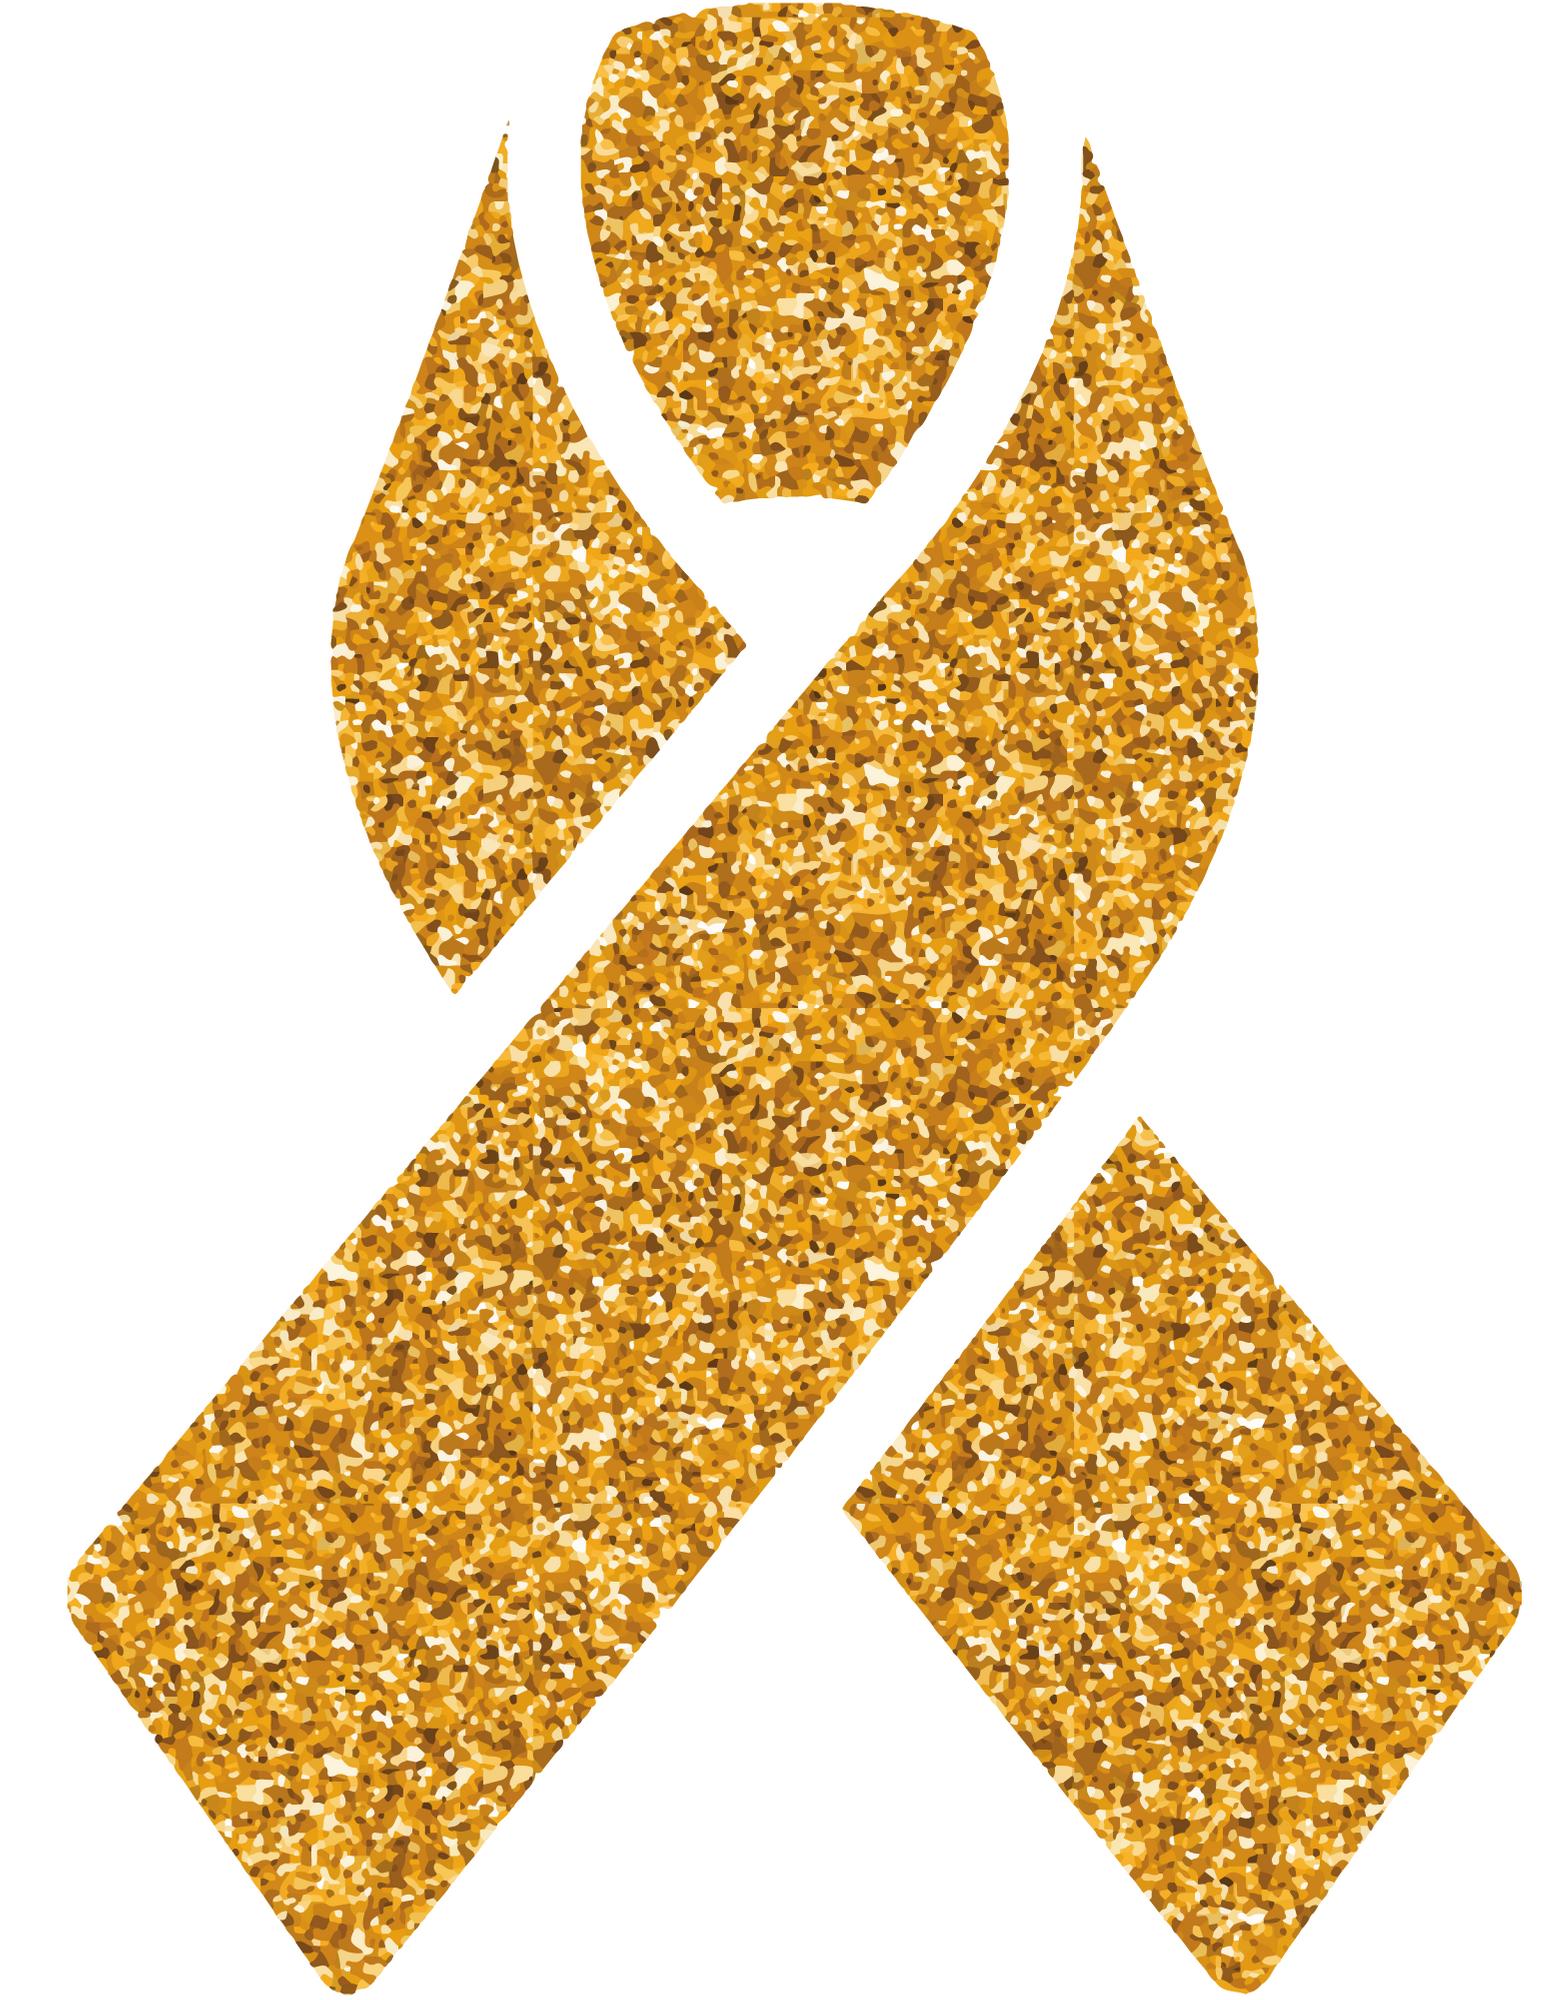 childrens cancer benevolence fund